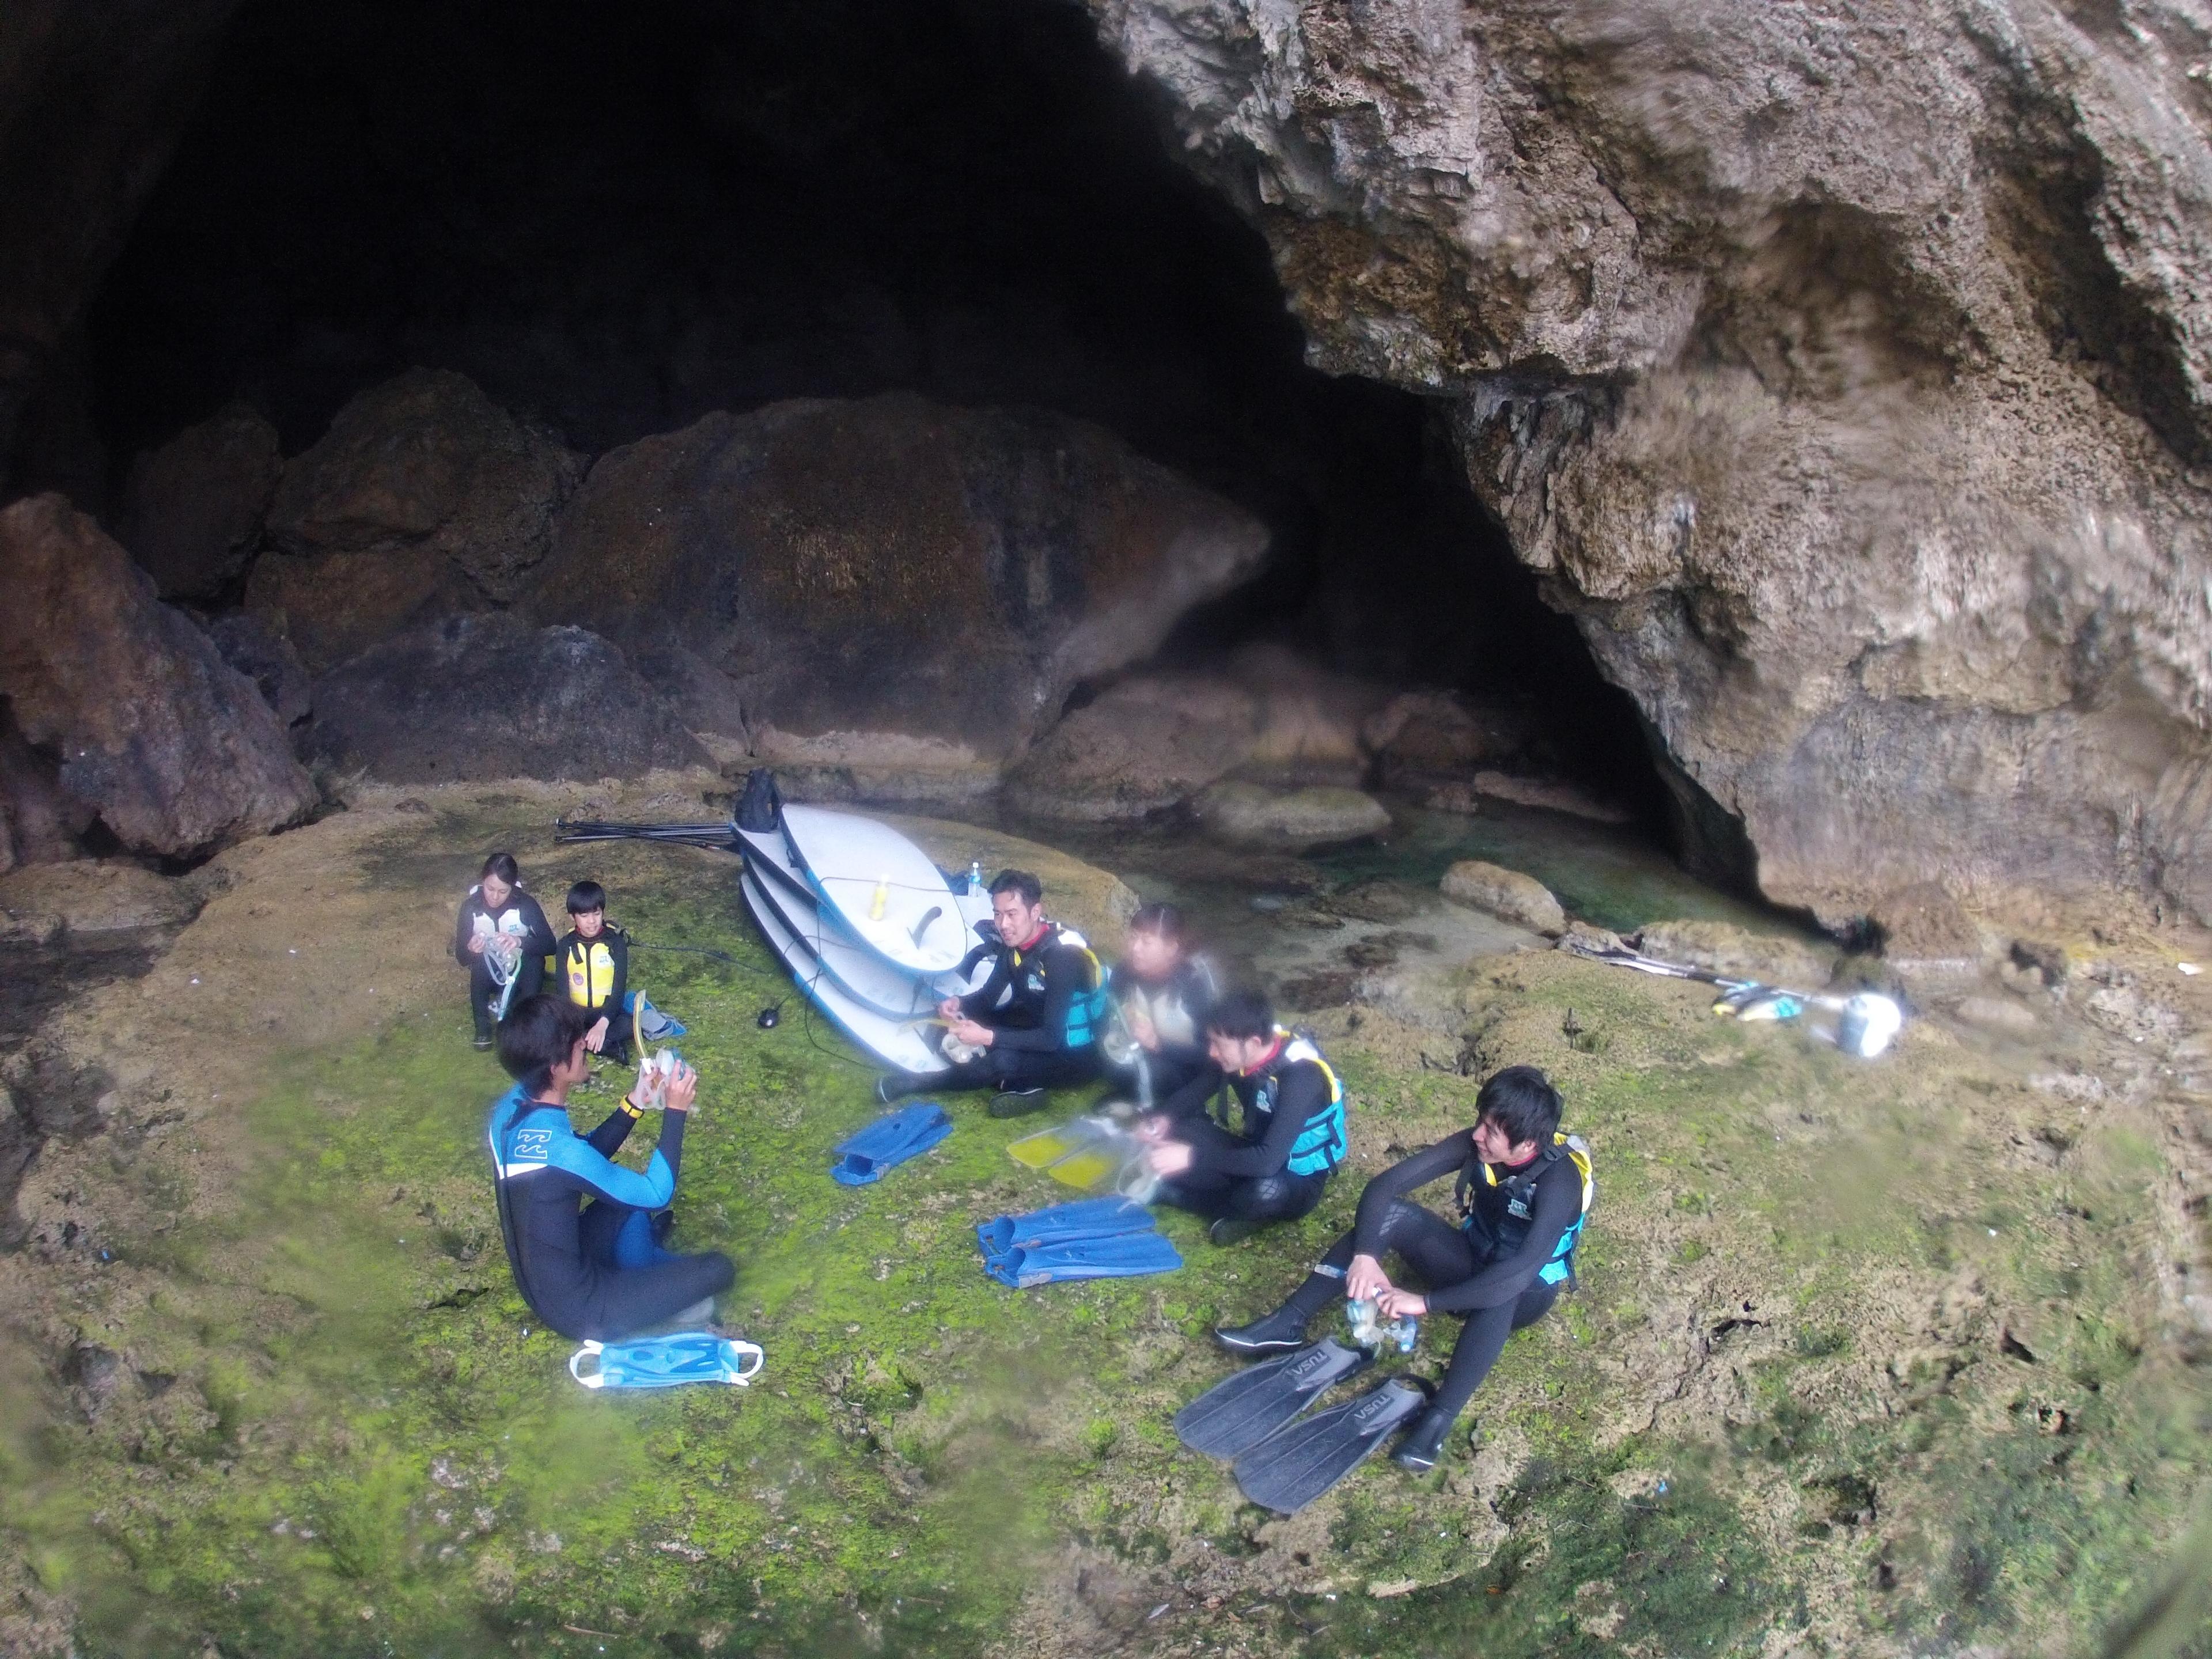 青の洞窟クルージング後シュノーケリング準備